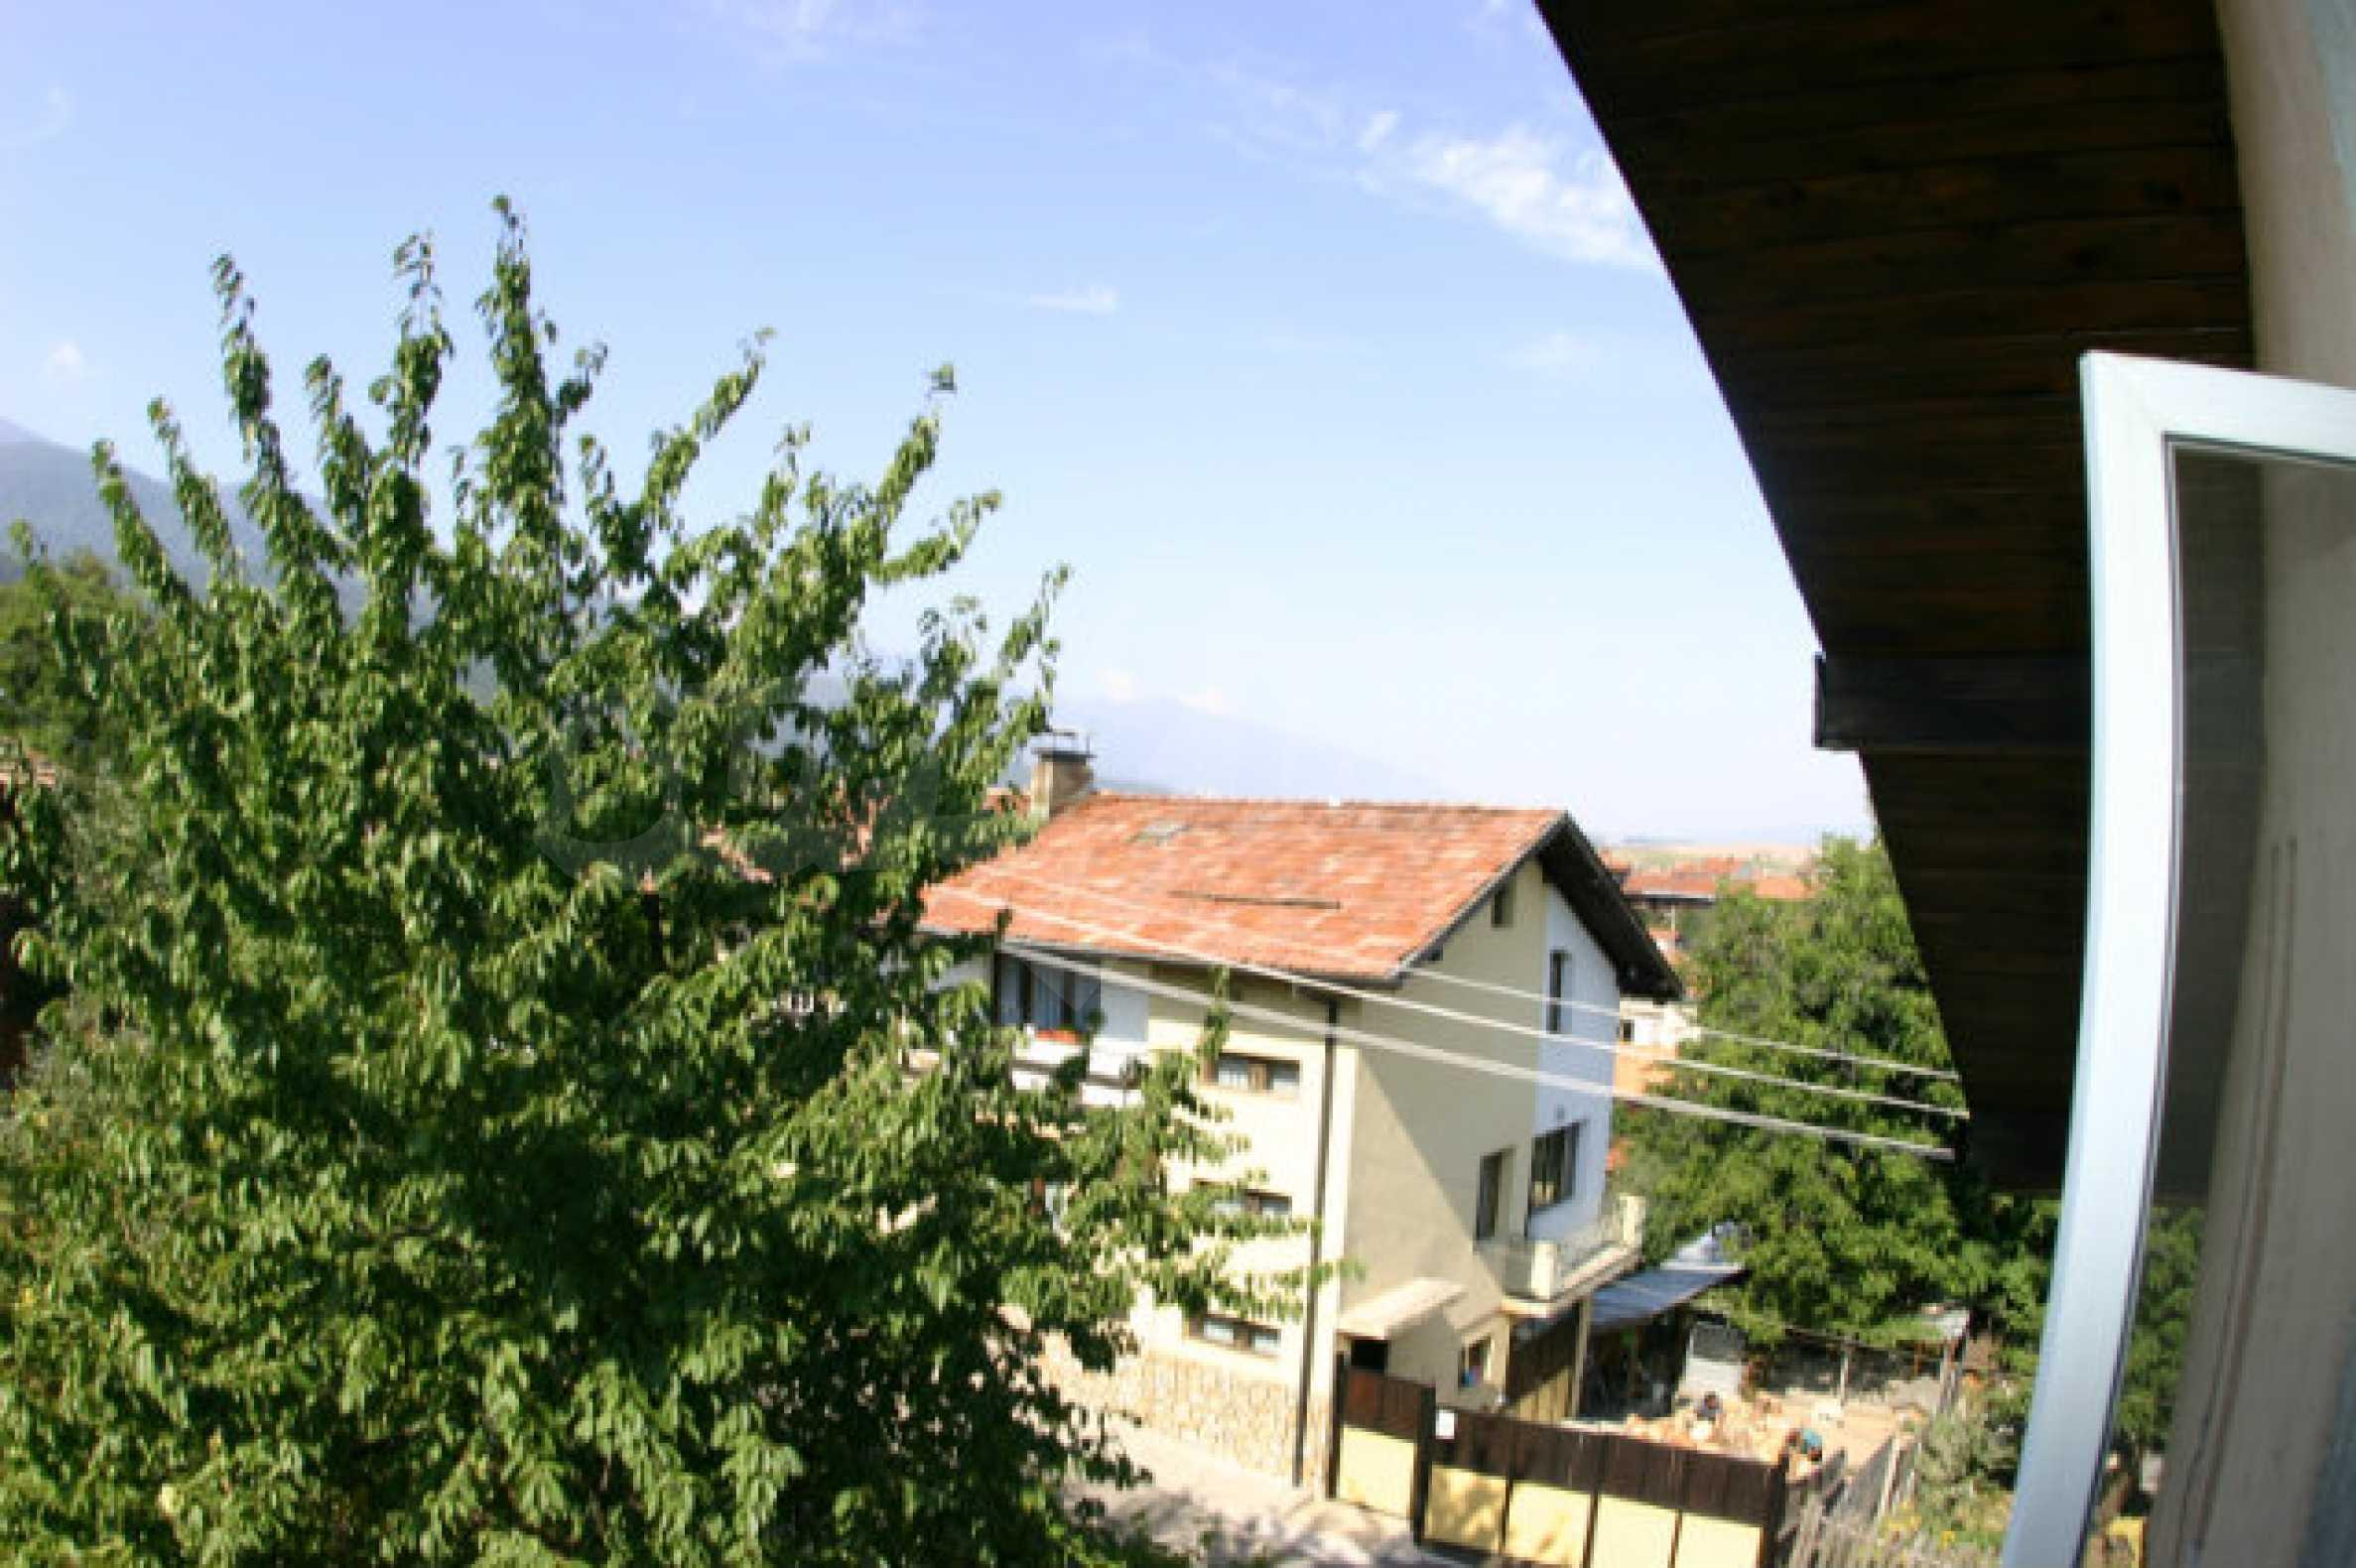 Familienhotel zum Verkauf in Dobrinischte, 6 km von Bansko entfernt 31